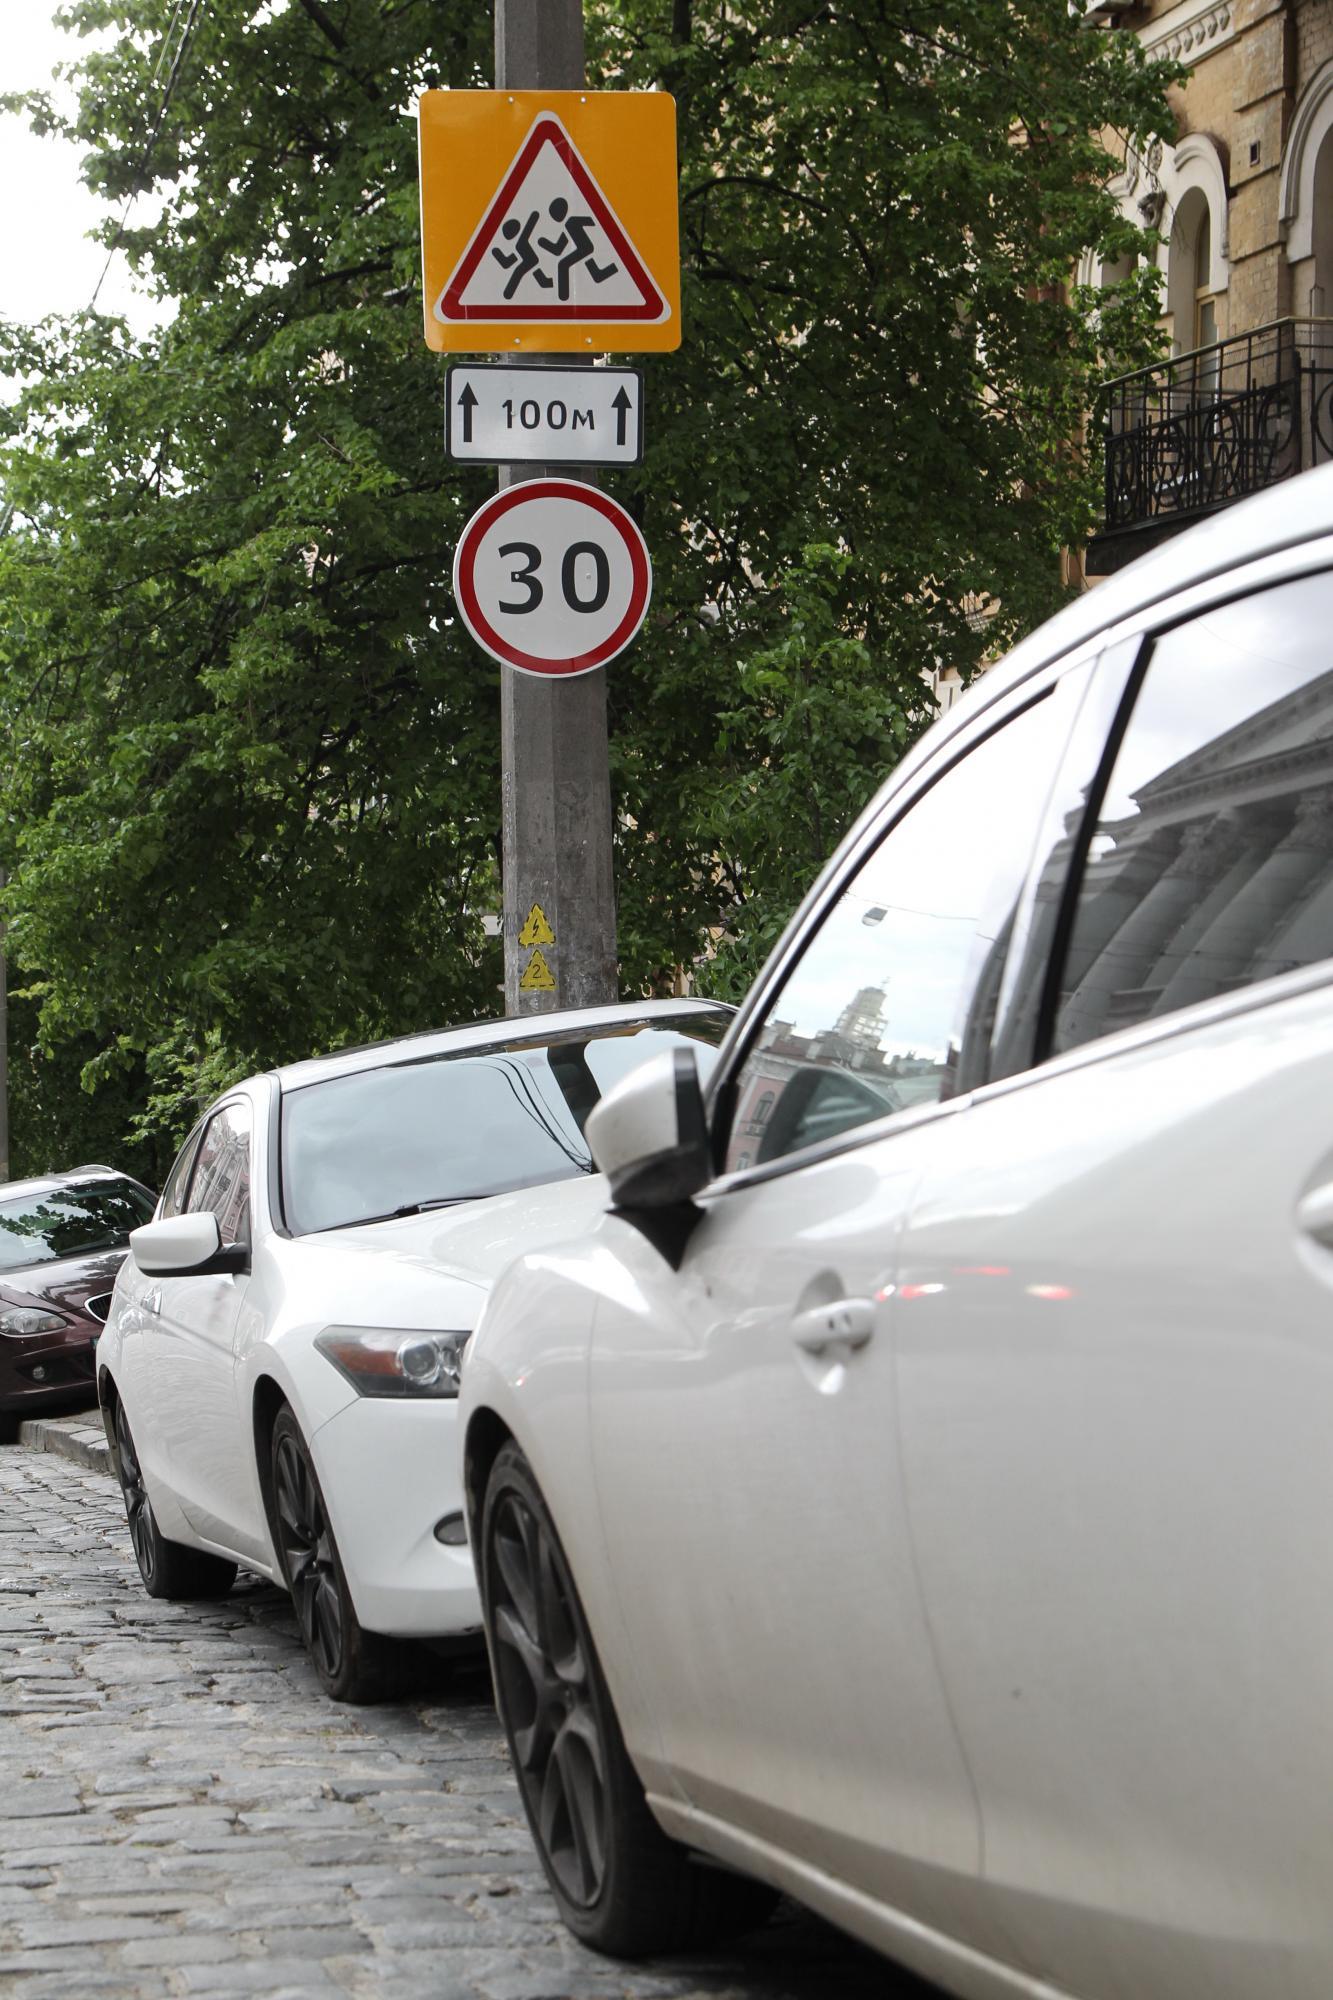 Як в Європі: у Києві обмежать швидкість авто до 30 км/год